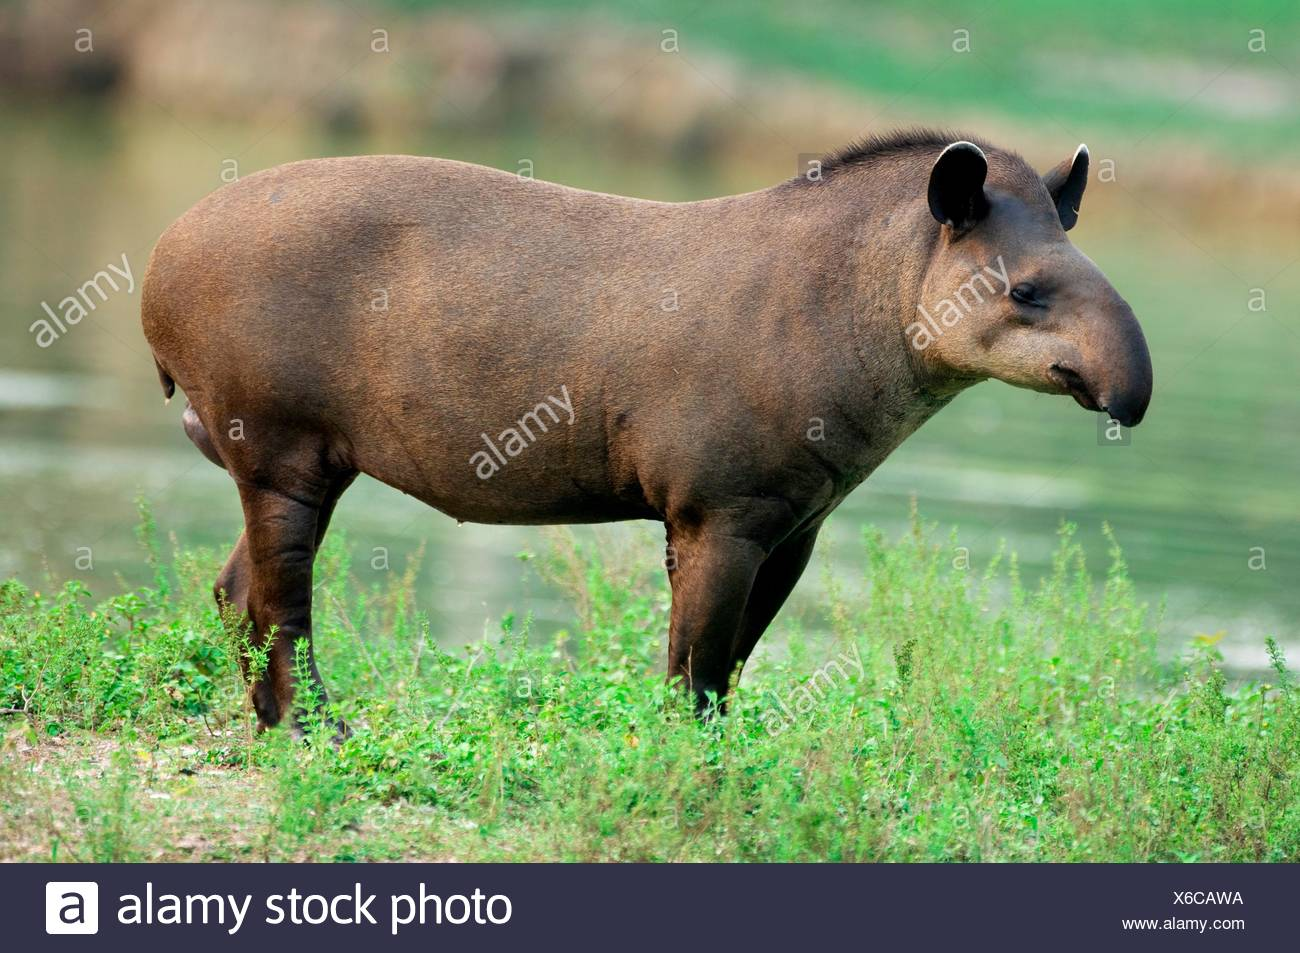 Brazilian Tapir or Lowland Tapir, Tapirus terrestris, Tapiridae family, Perissodactyla order, Pantanal, Mato Grosso, Brazil - Stock Image